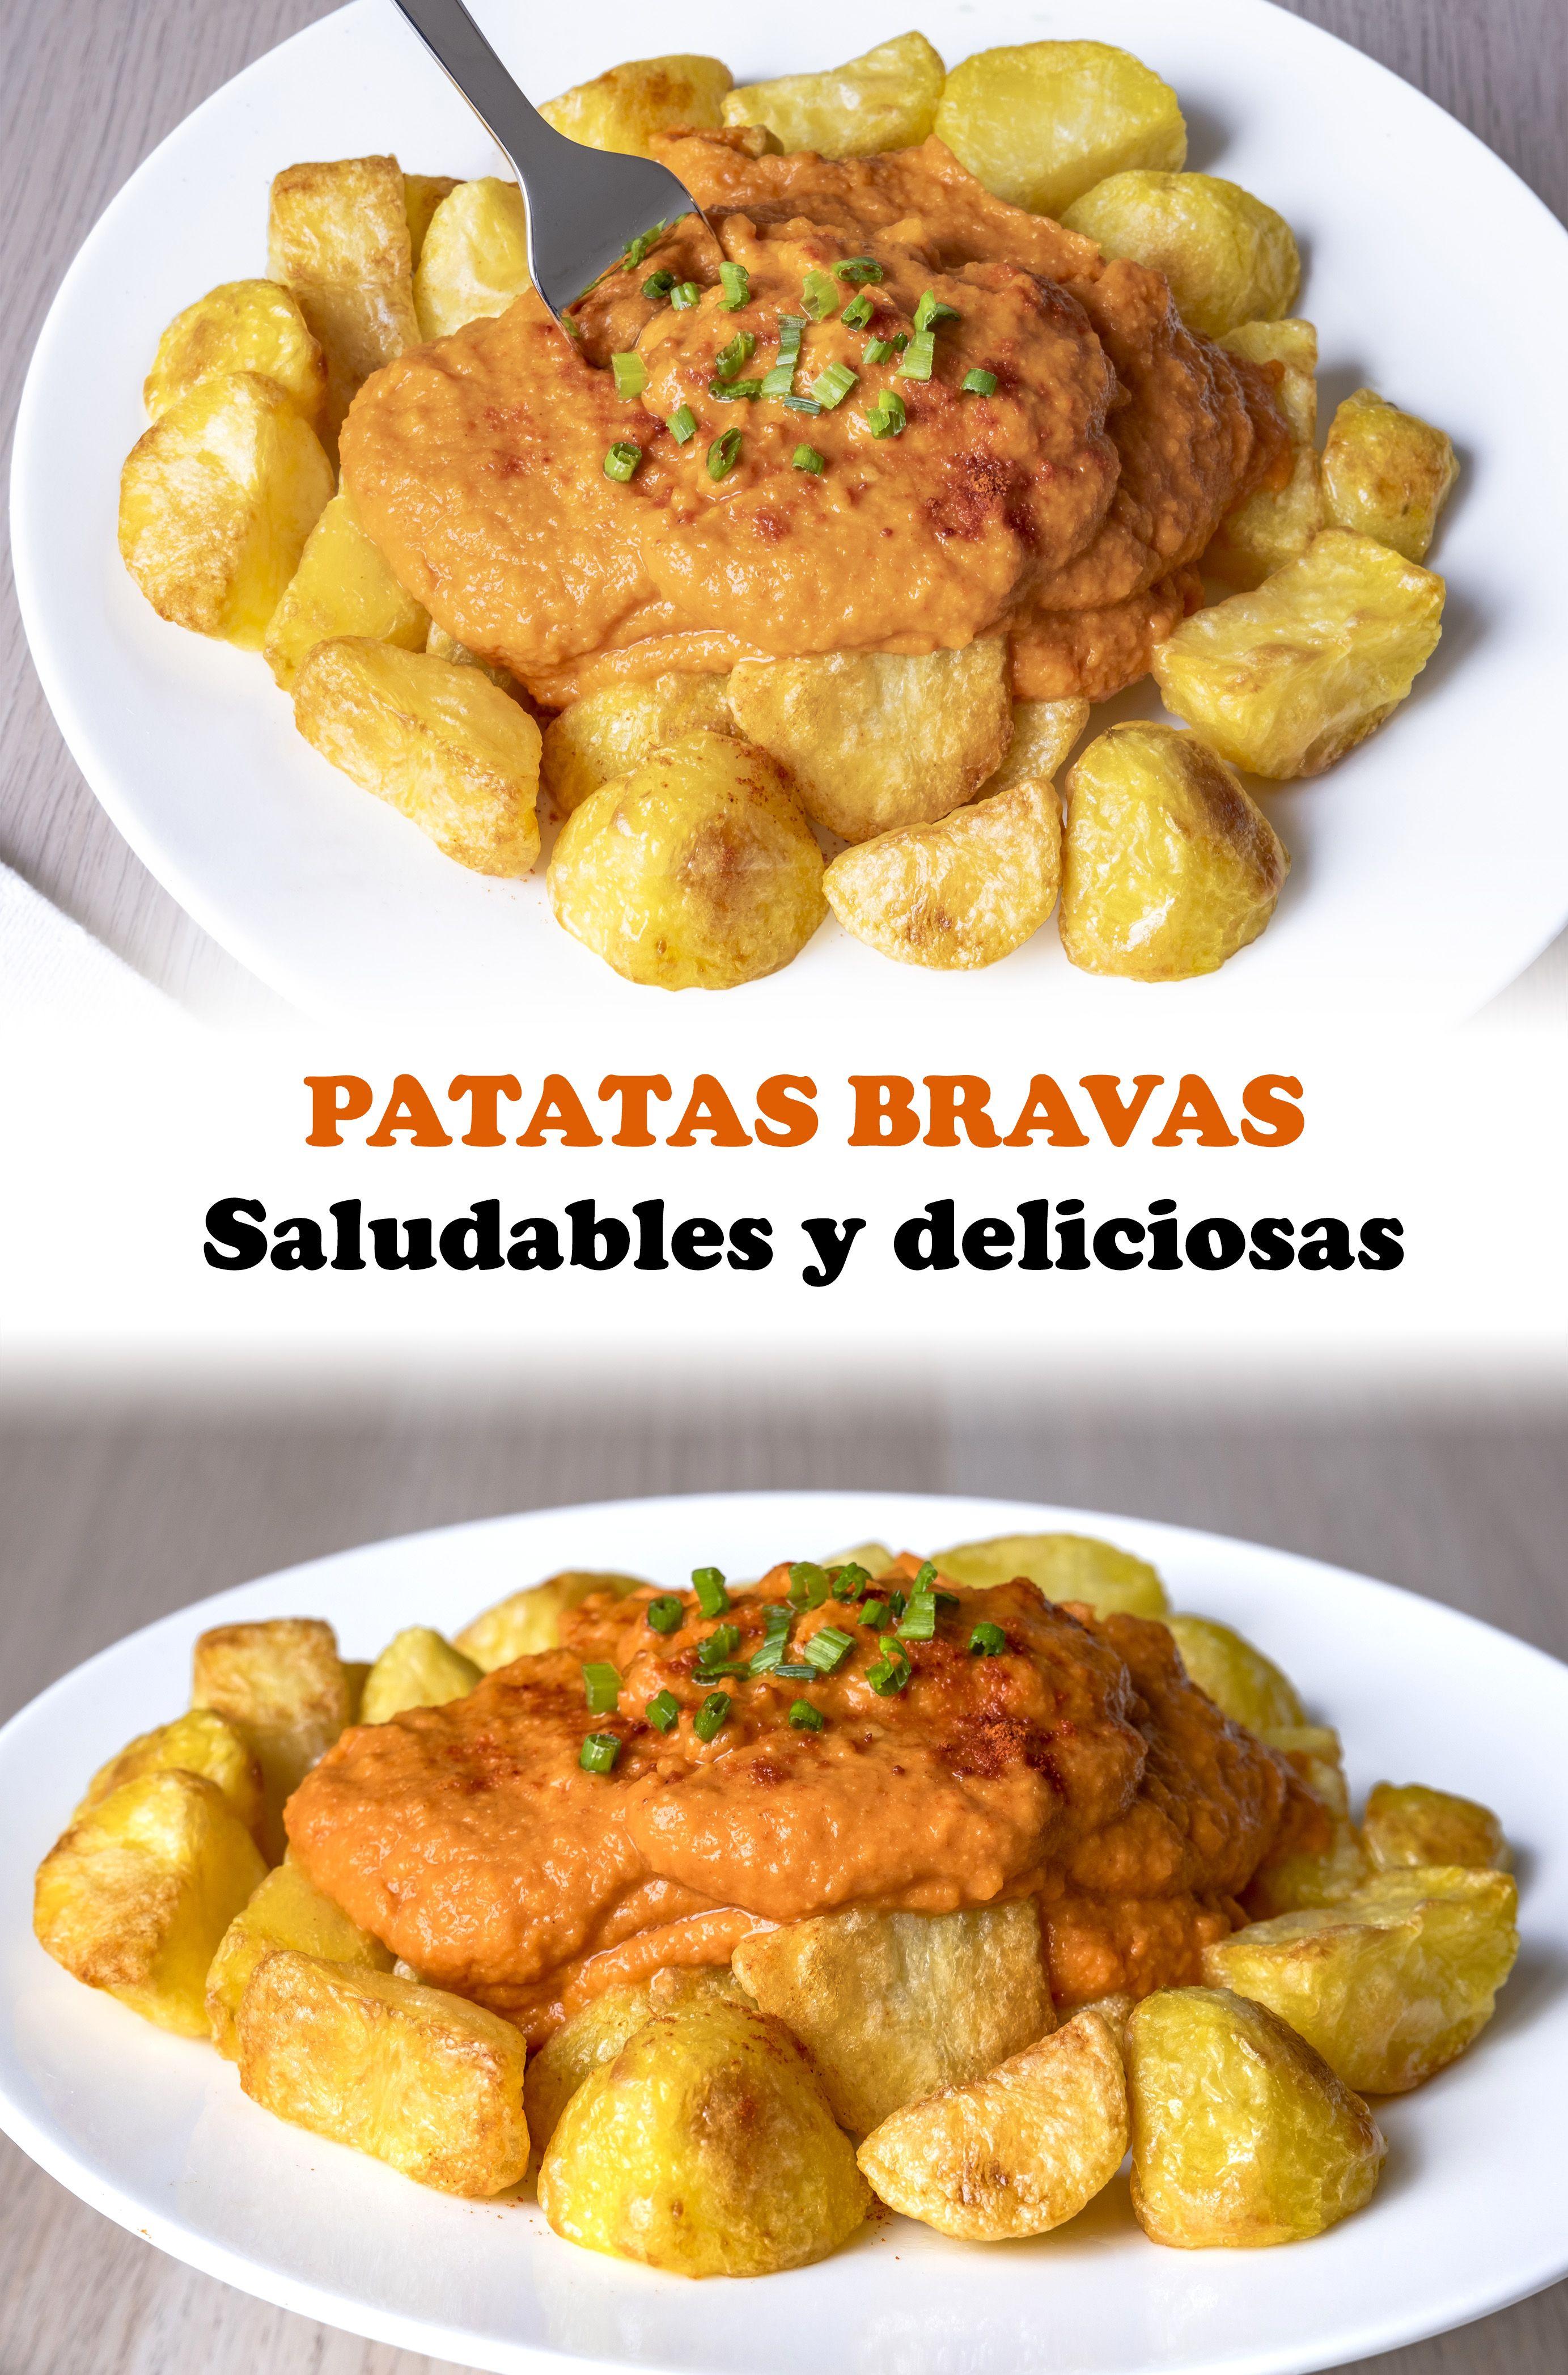 Riquísimas Patatas Bravas Al Horno En 2020 Recetas Saludables Recetas Cenas Comida Saludable Bajar De Peso Recetas